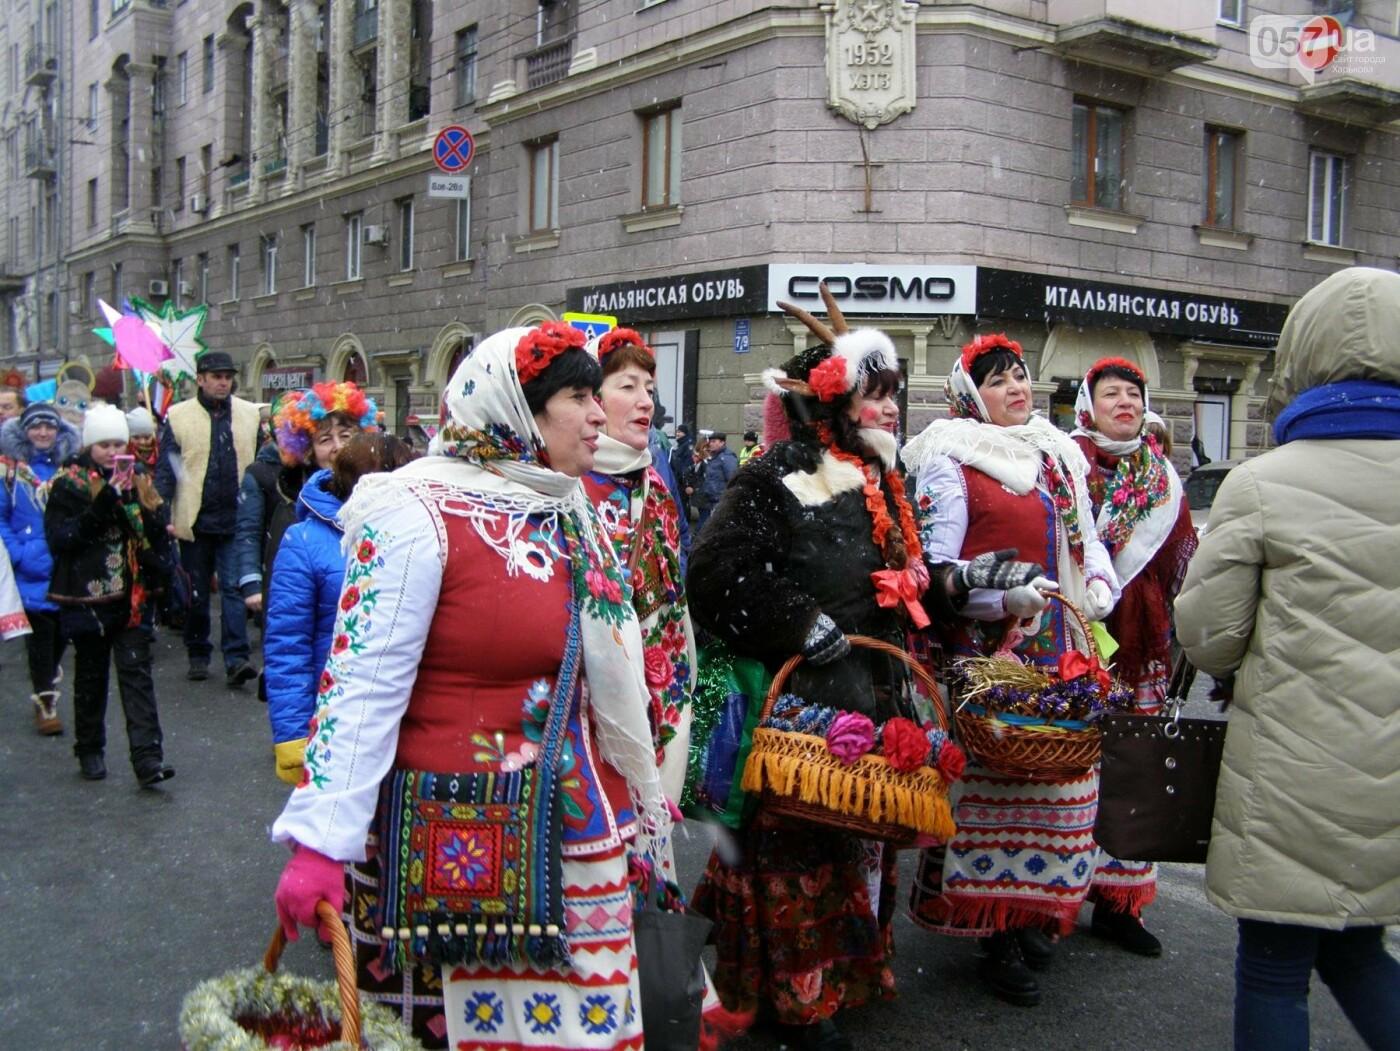 Харьков заполонили ангелы, козы и черти: в городе прошел масштабный фестиваль вертепов (ФОТО), фото-10